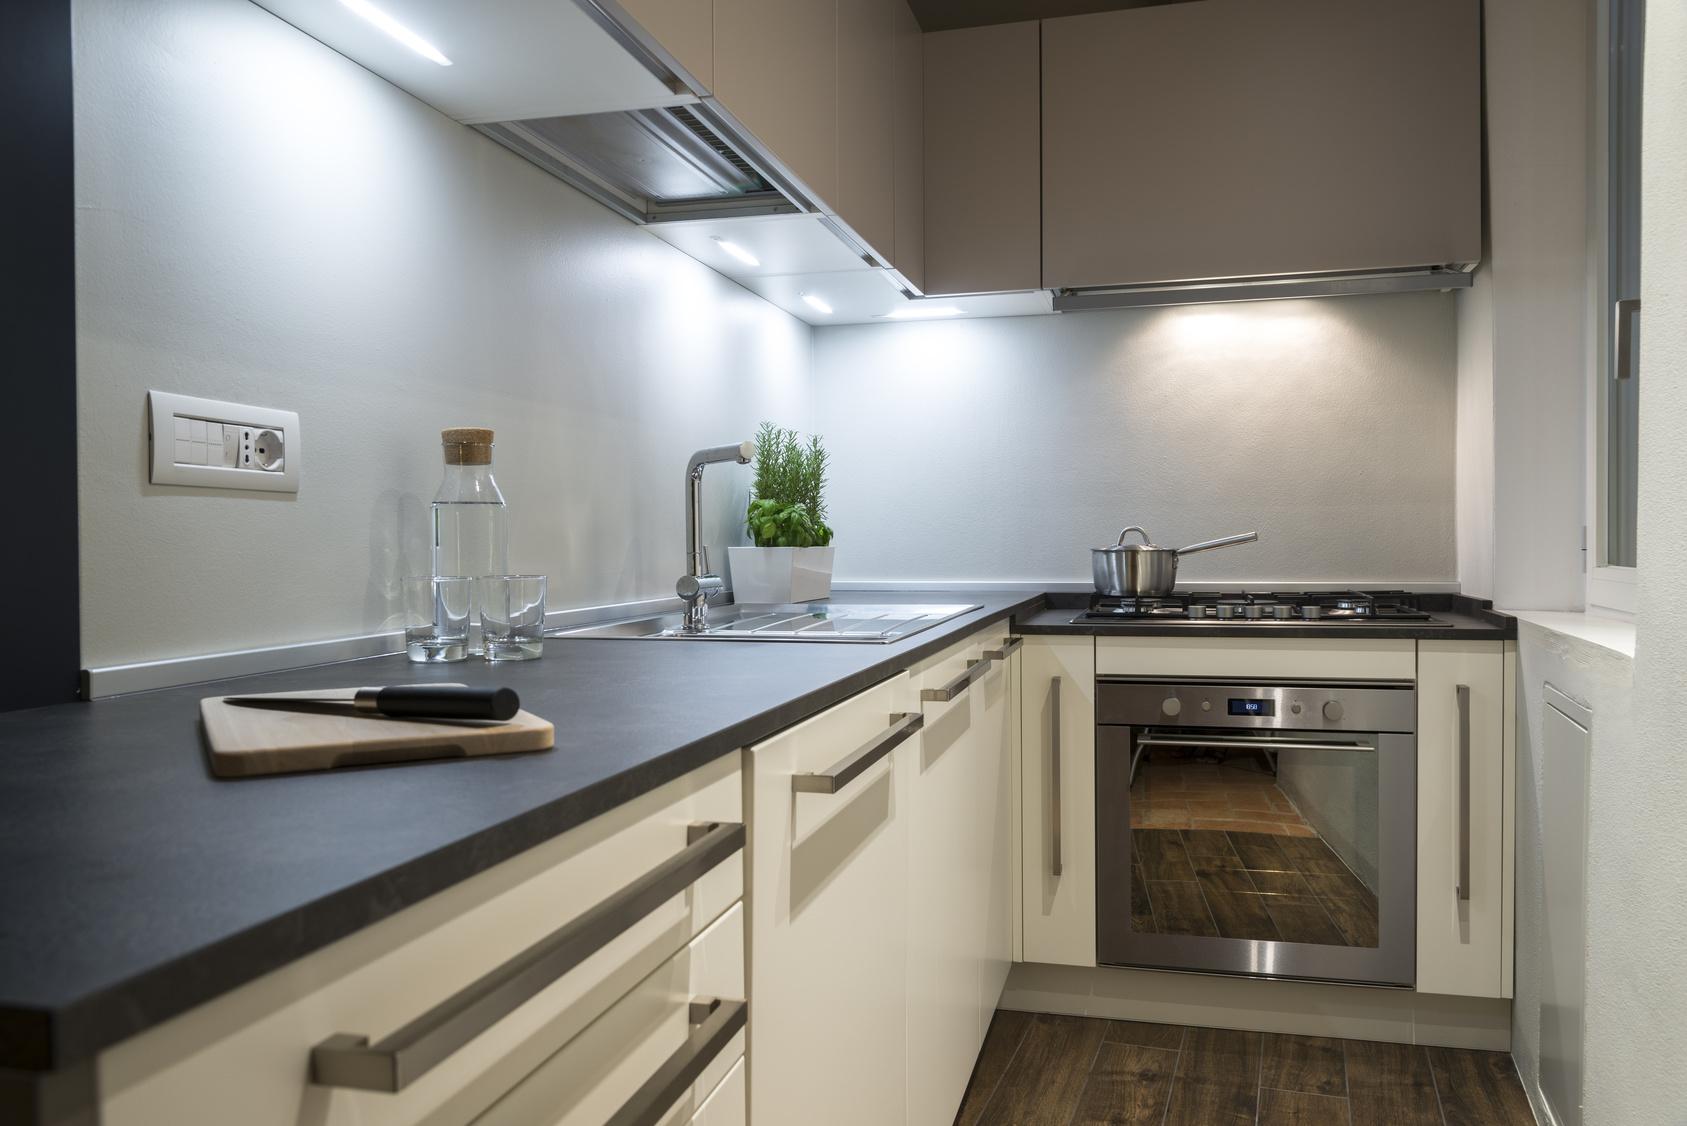 comment aménager une cuisine fonctionnelle